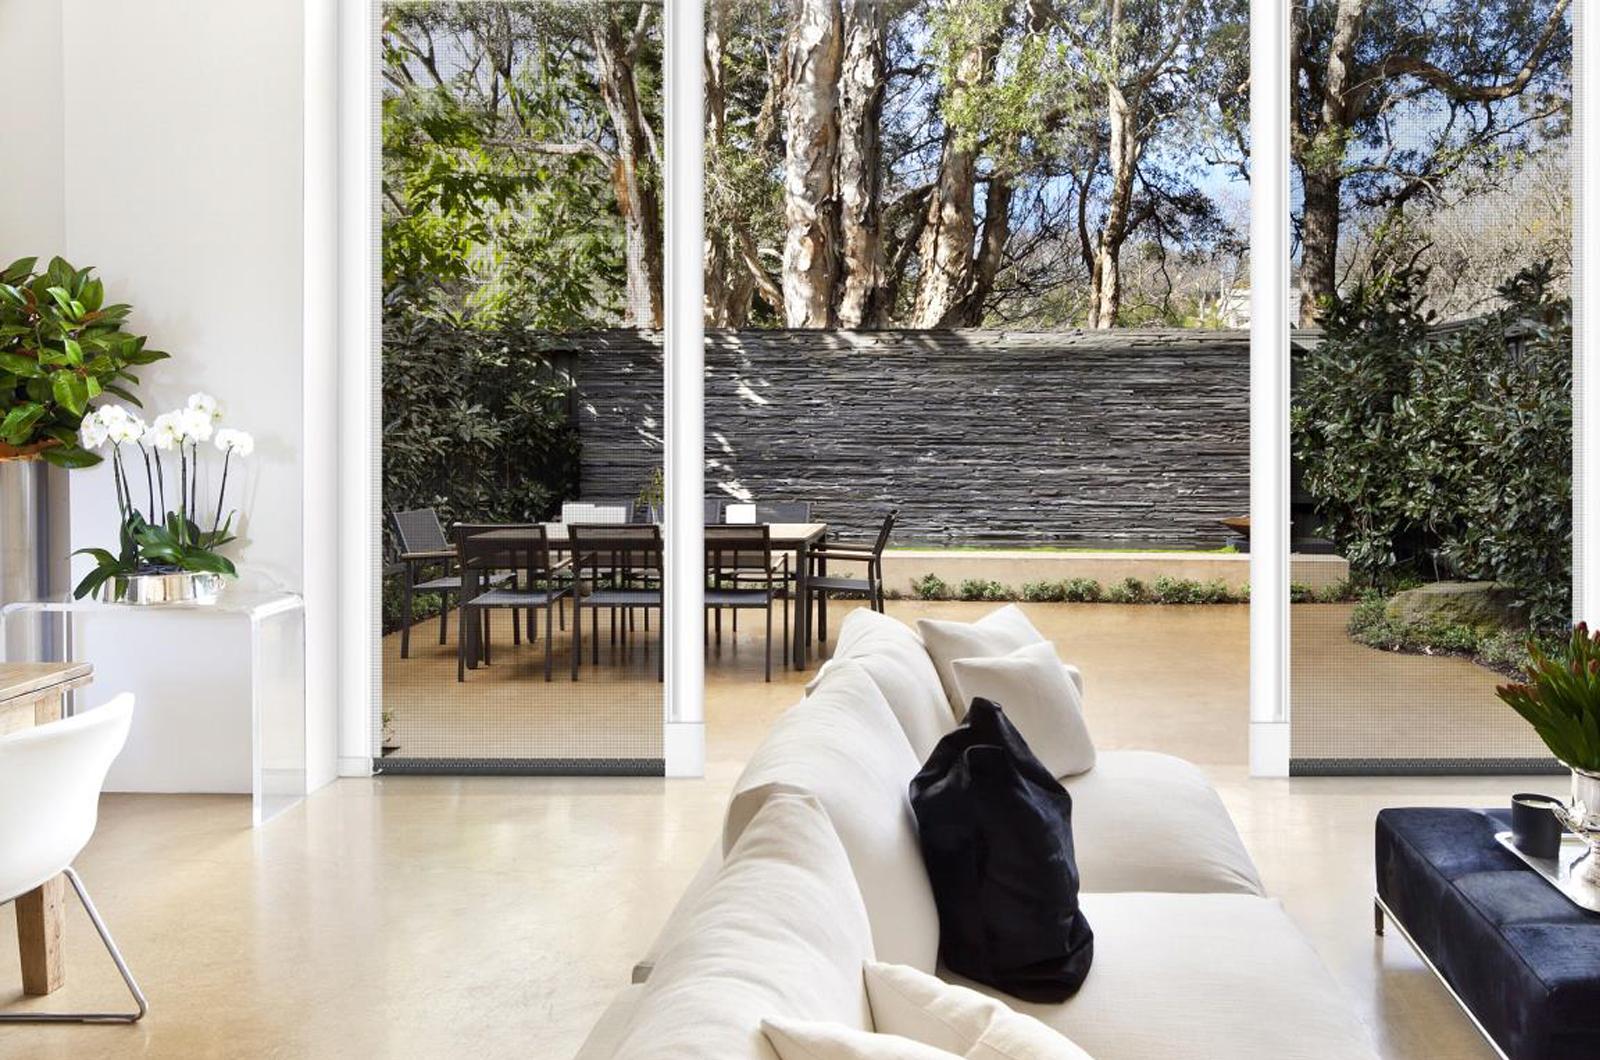 moustiquaire archives arc en ciel menuiserie aluminium pvc. Black Bedroom Furniture Sets. Home Design Ideas